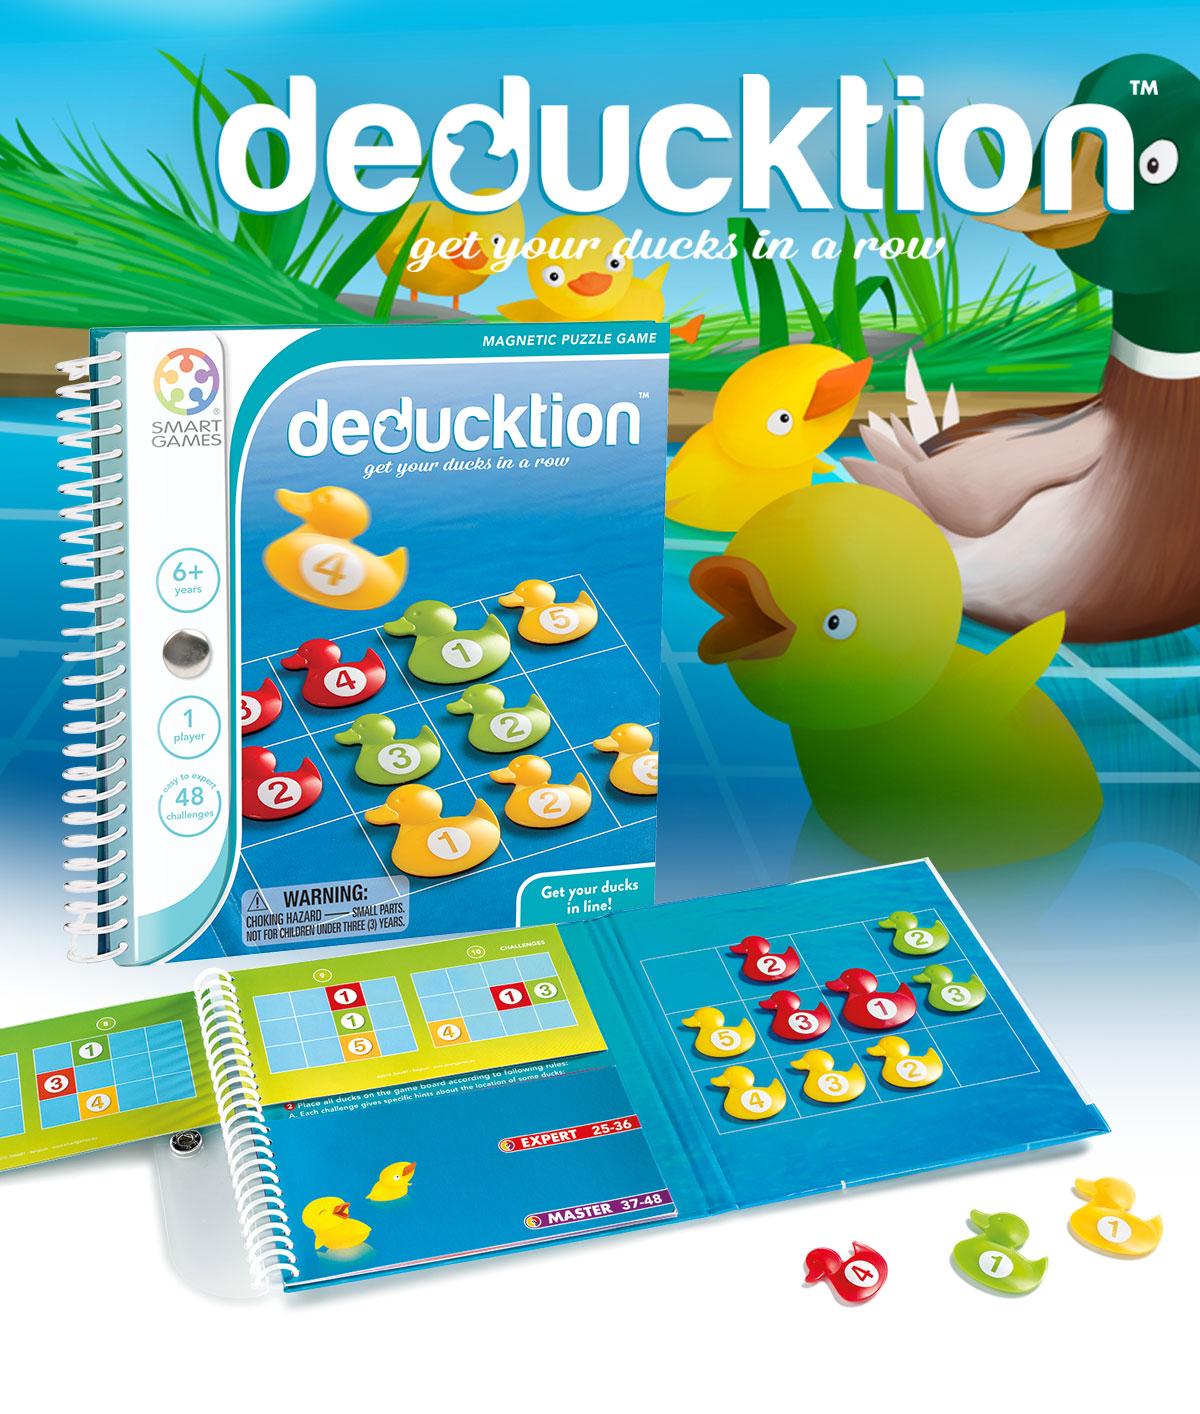 Deducktion